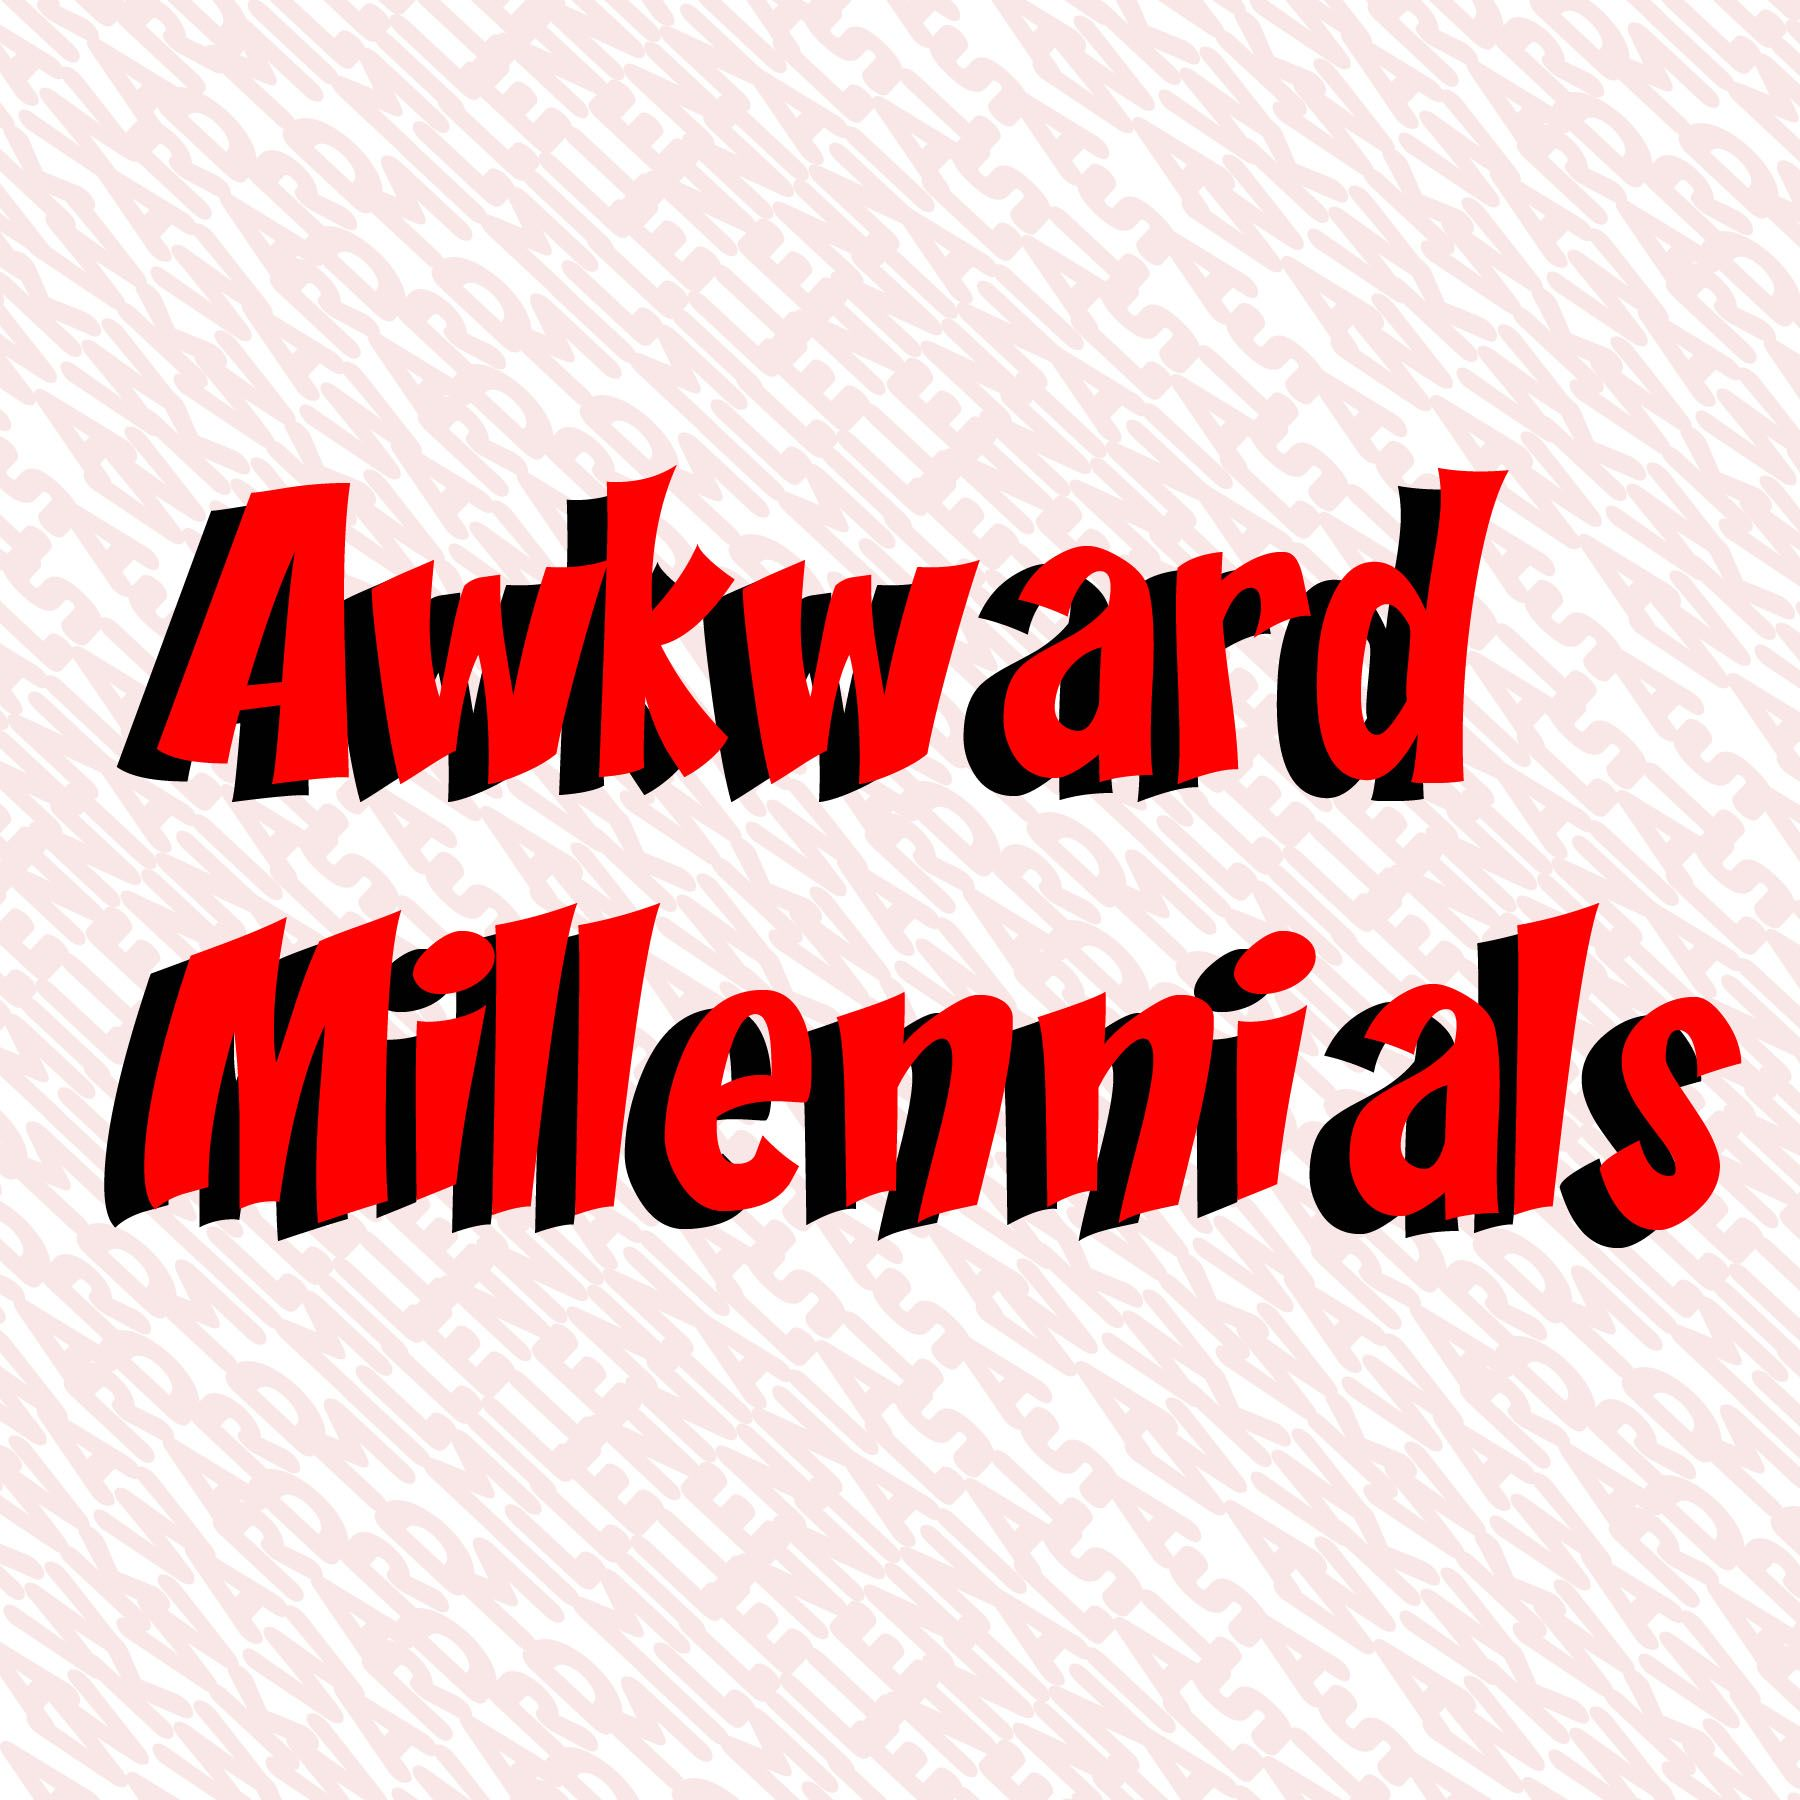 Awkward Millennials - Soccer Playing Apes on Stilts?!